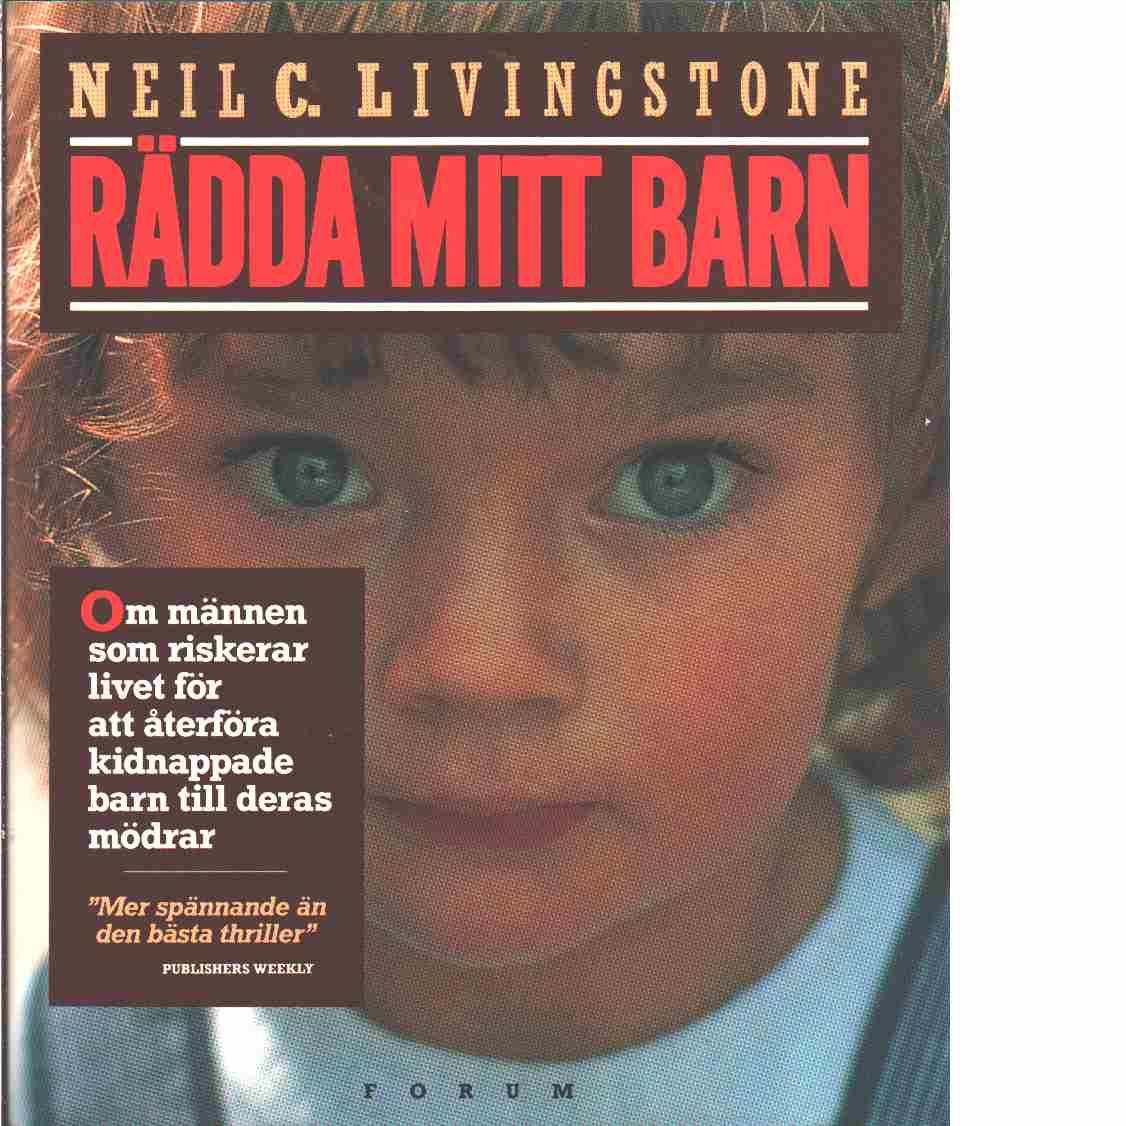 Rädda mitt barn : om männen som riskerar livet för att återföra kidnappade barn till deras mödrar - Livingstone, Neil C.